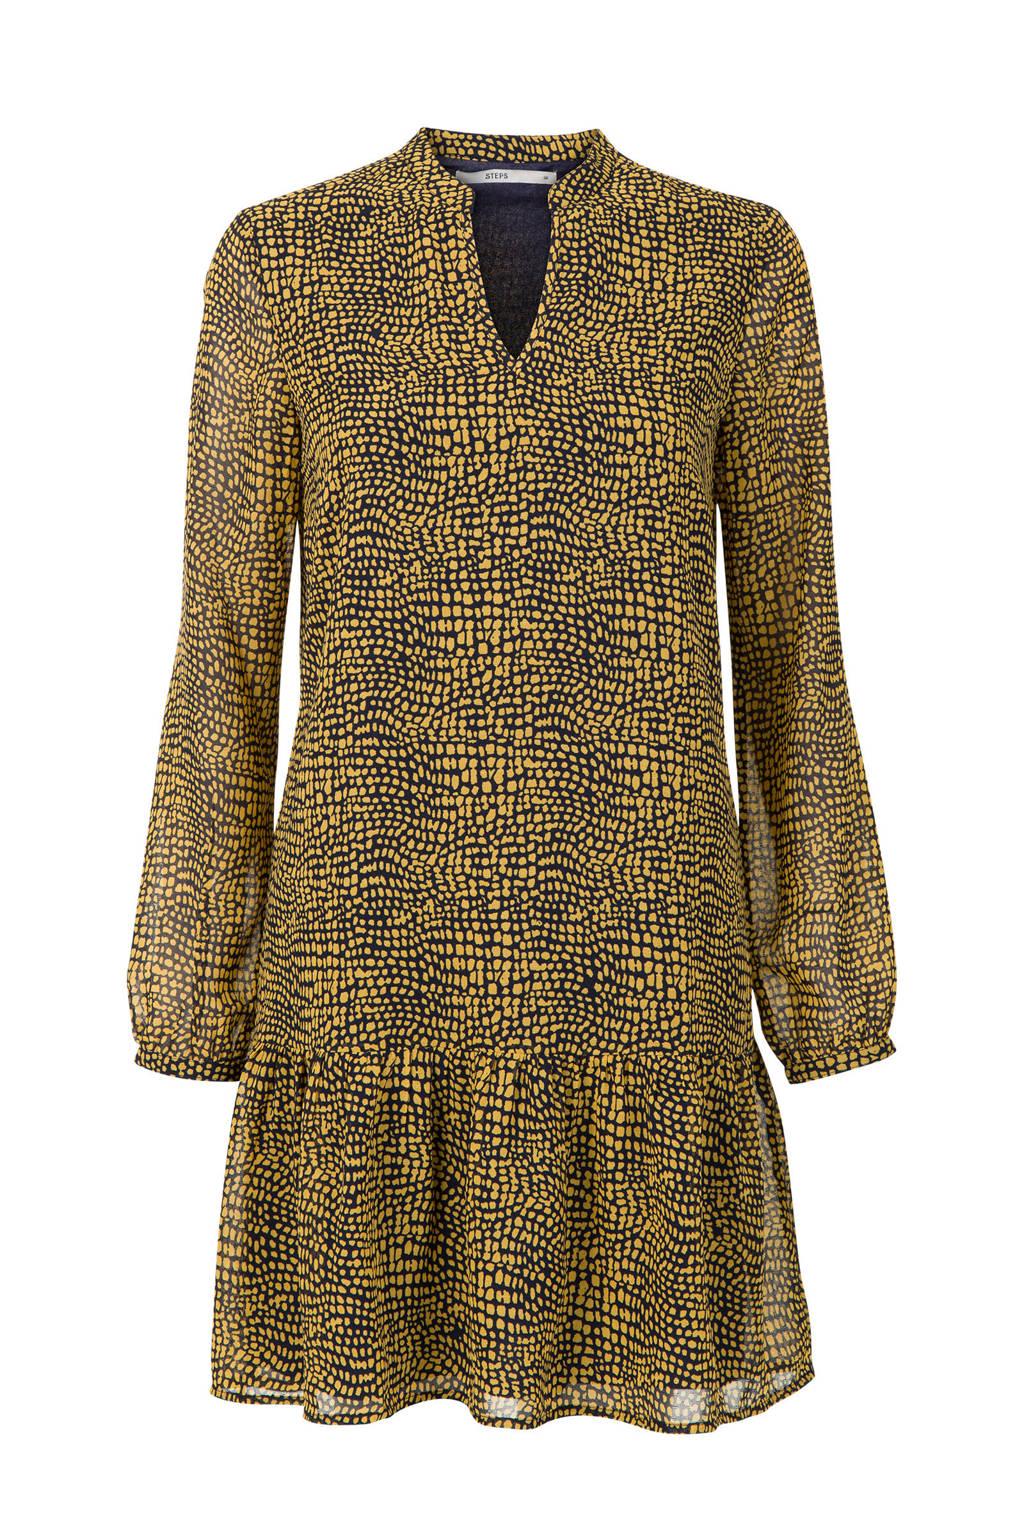 Steps jurk met allover print geel/donkerblauw, Donkerblauw